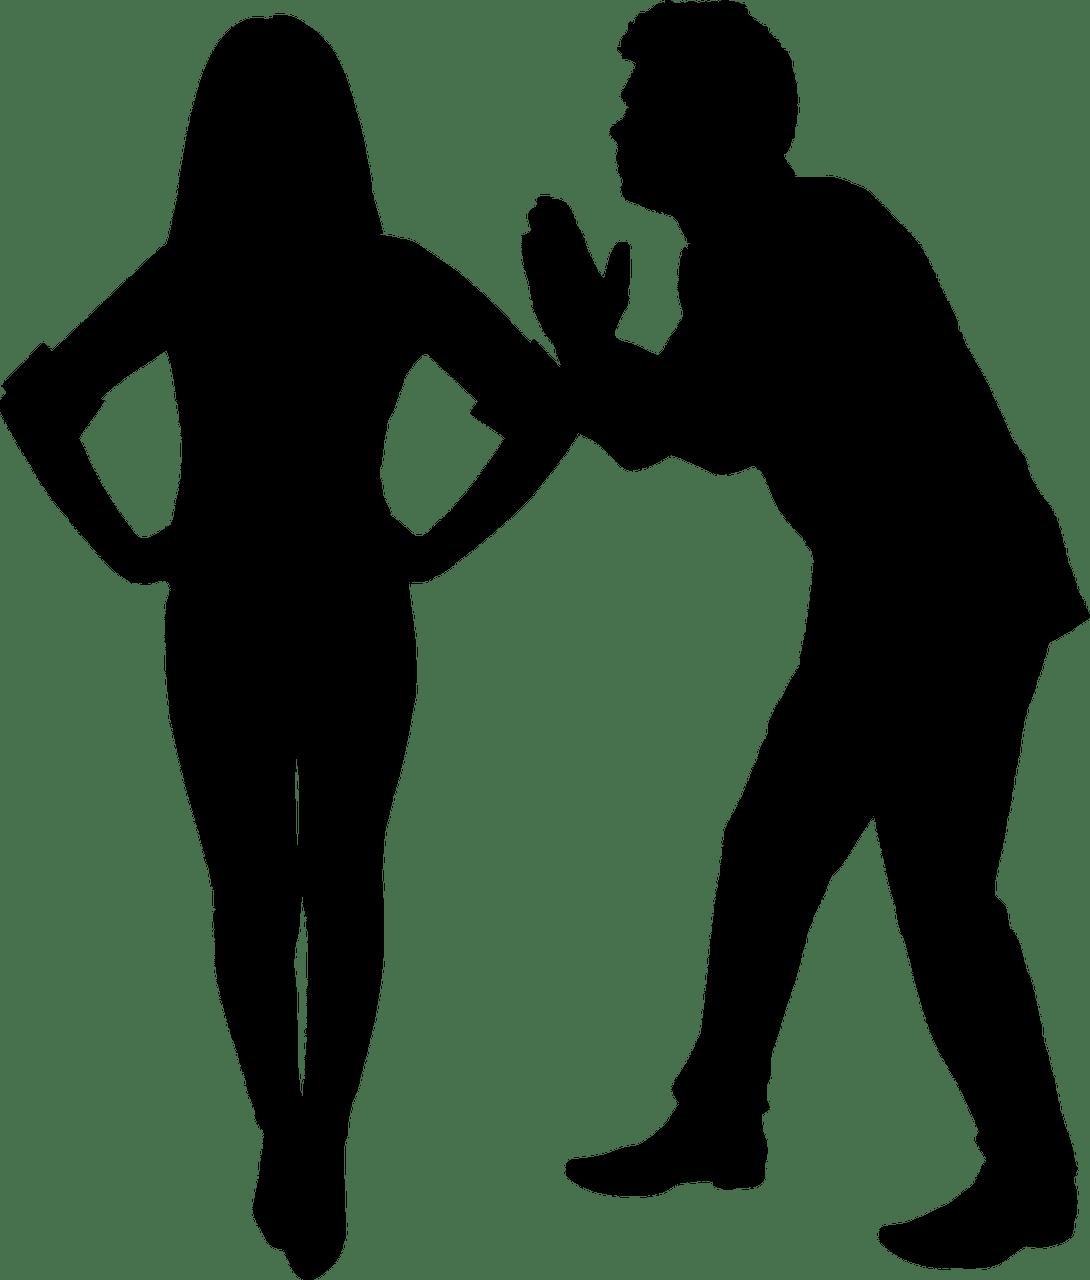 Pareja discutiendo. Fuente: Pixabay